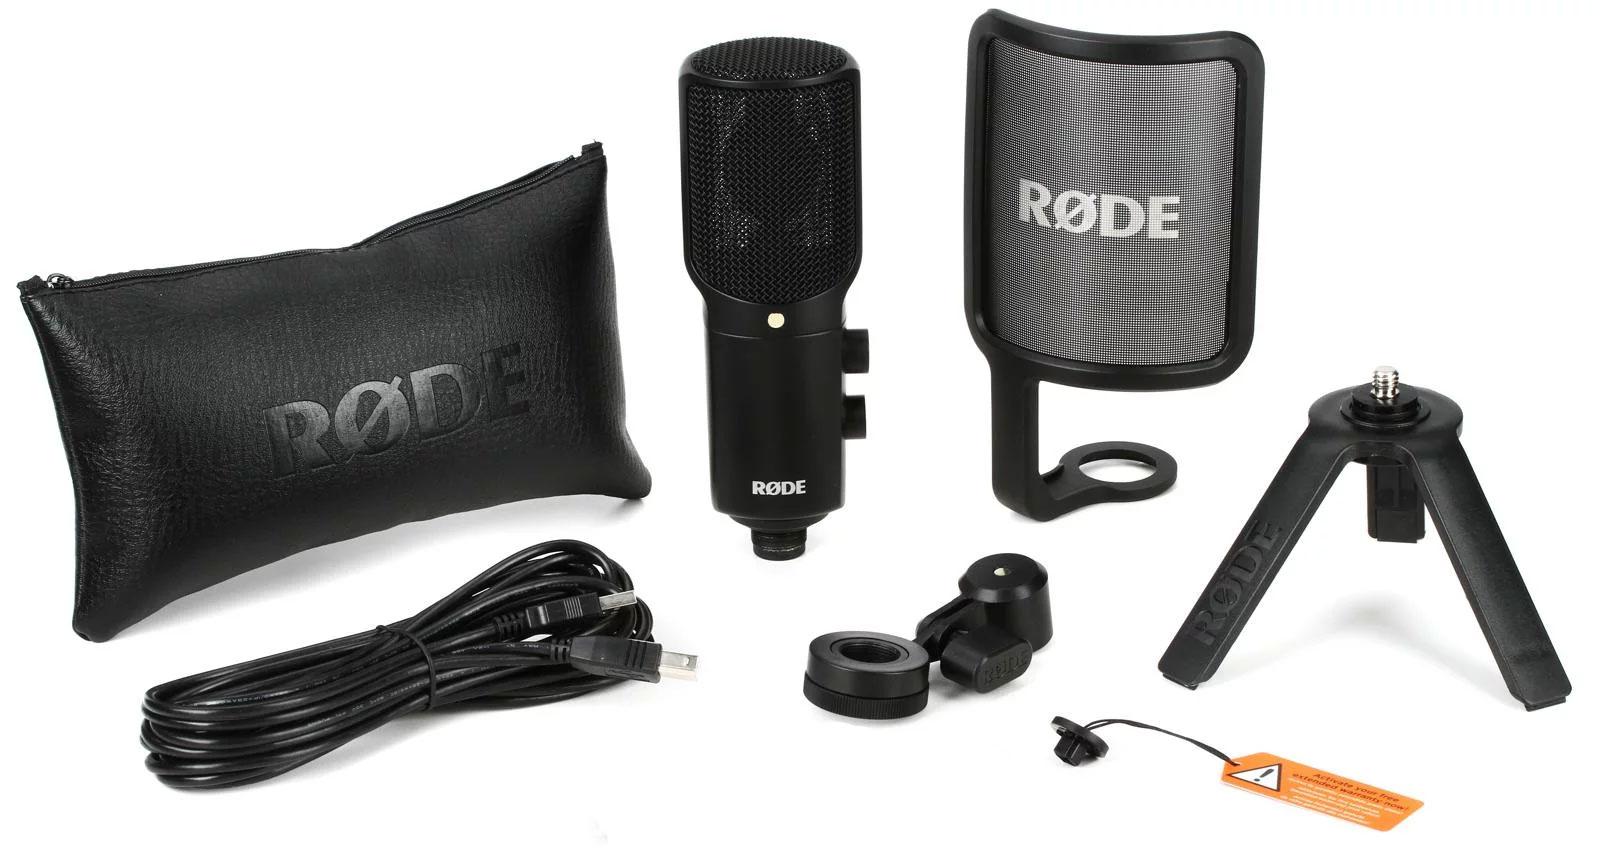 RODE NT-USB - Woodbrass.com